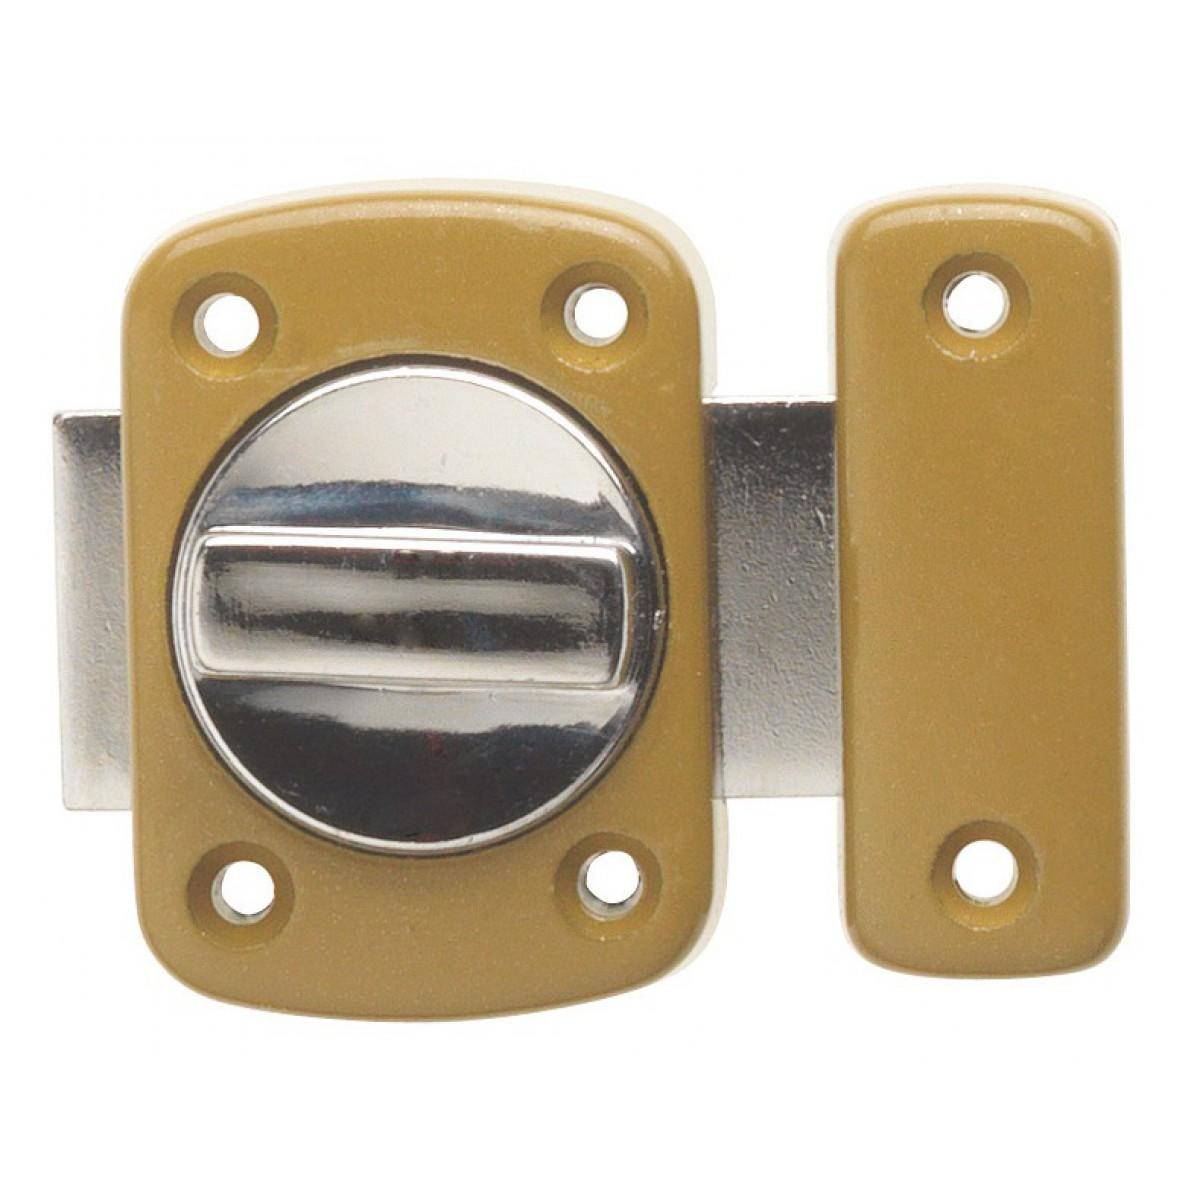 Verrou automatique série Alouette Thirard - Dimensions 40 mm